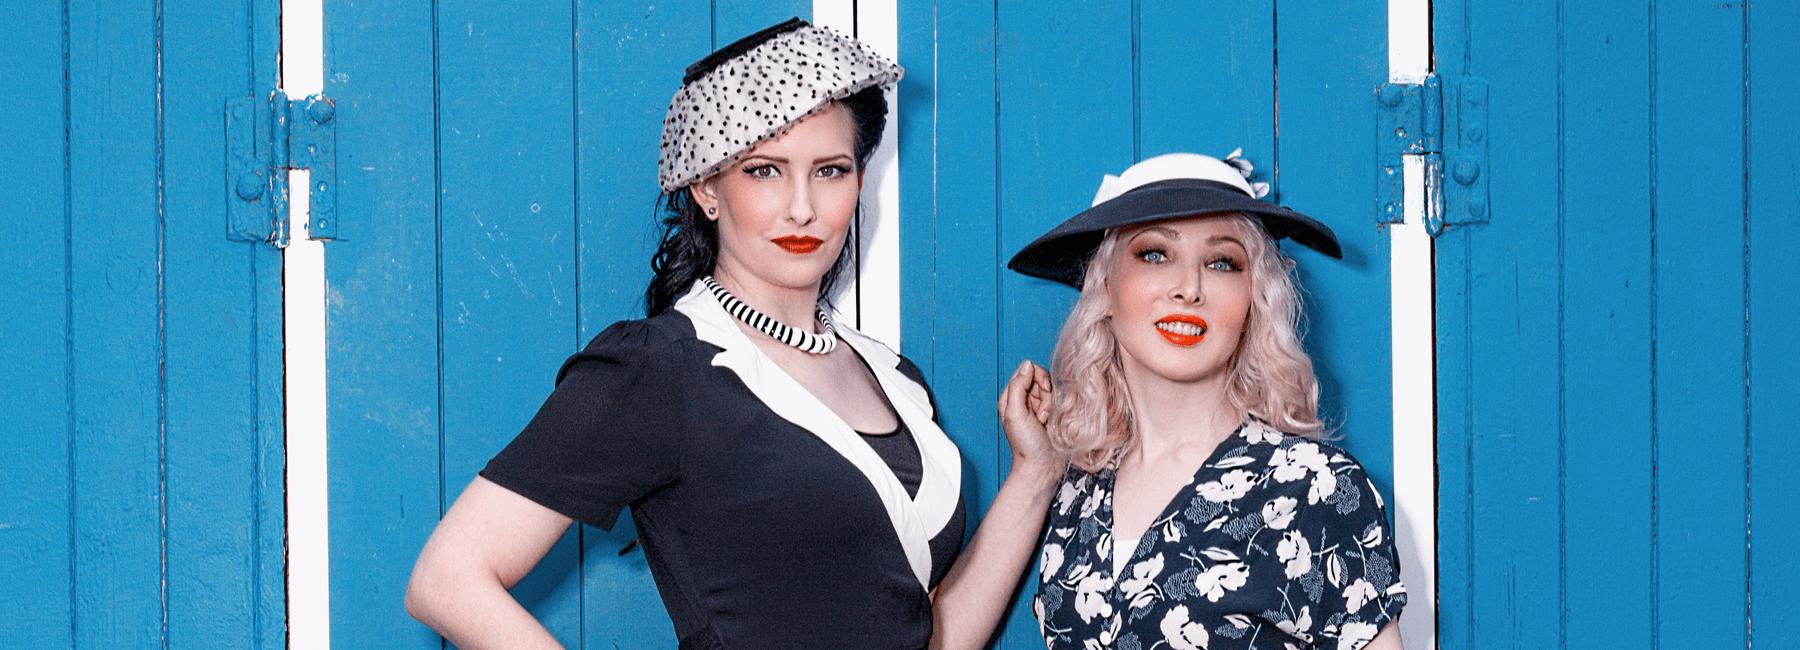 Praktisch und trotzdem feminin: Der Zweite Weltkrieg veränderte das Leben der Menschen drastisch – selbstverständlich auch in der Mode. Durch die äußerste Verknappung von Rohstoffen mussten Modeschöpfer umdenken.